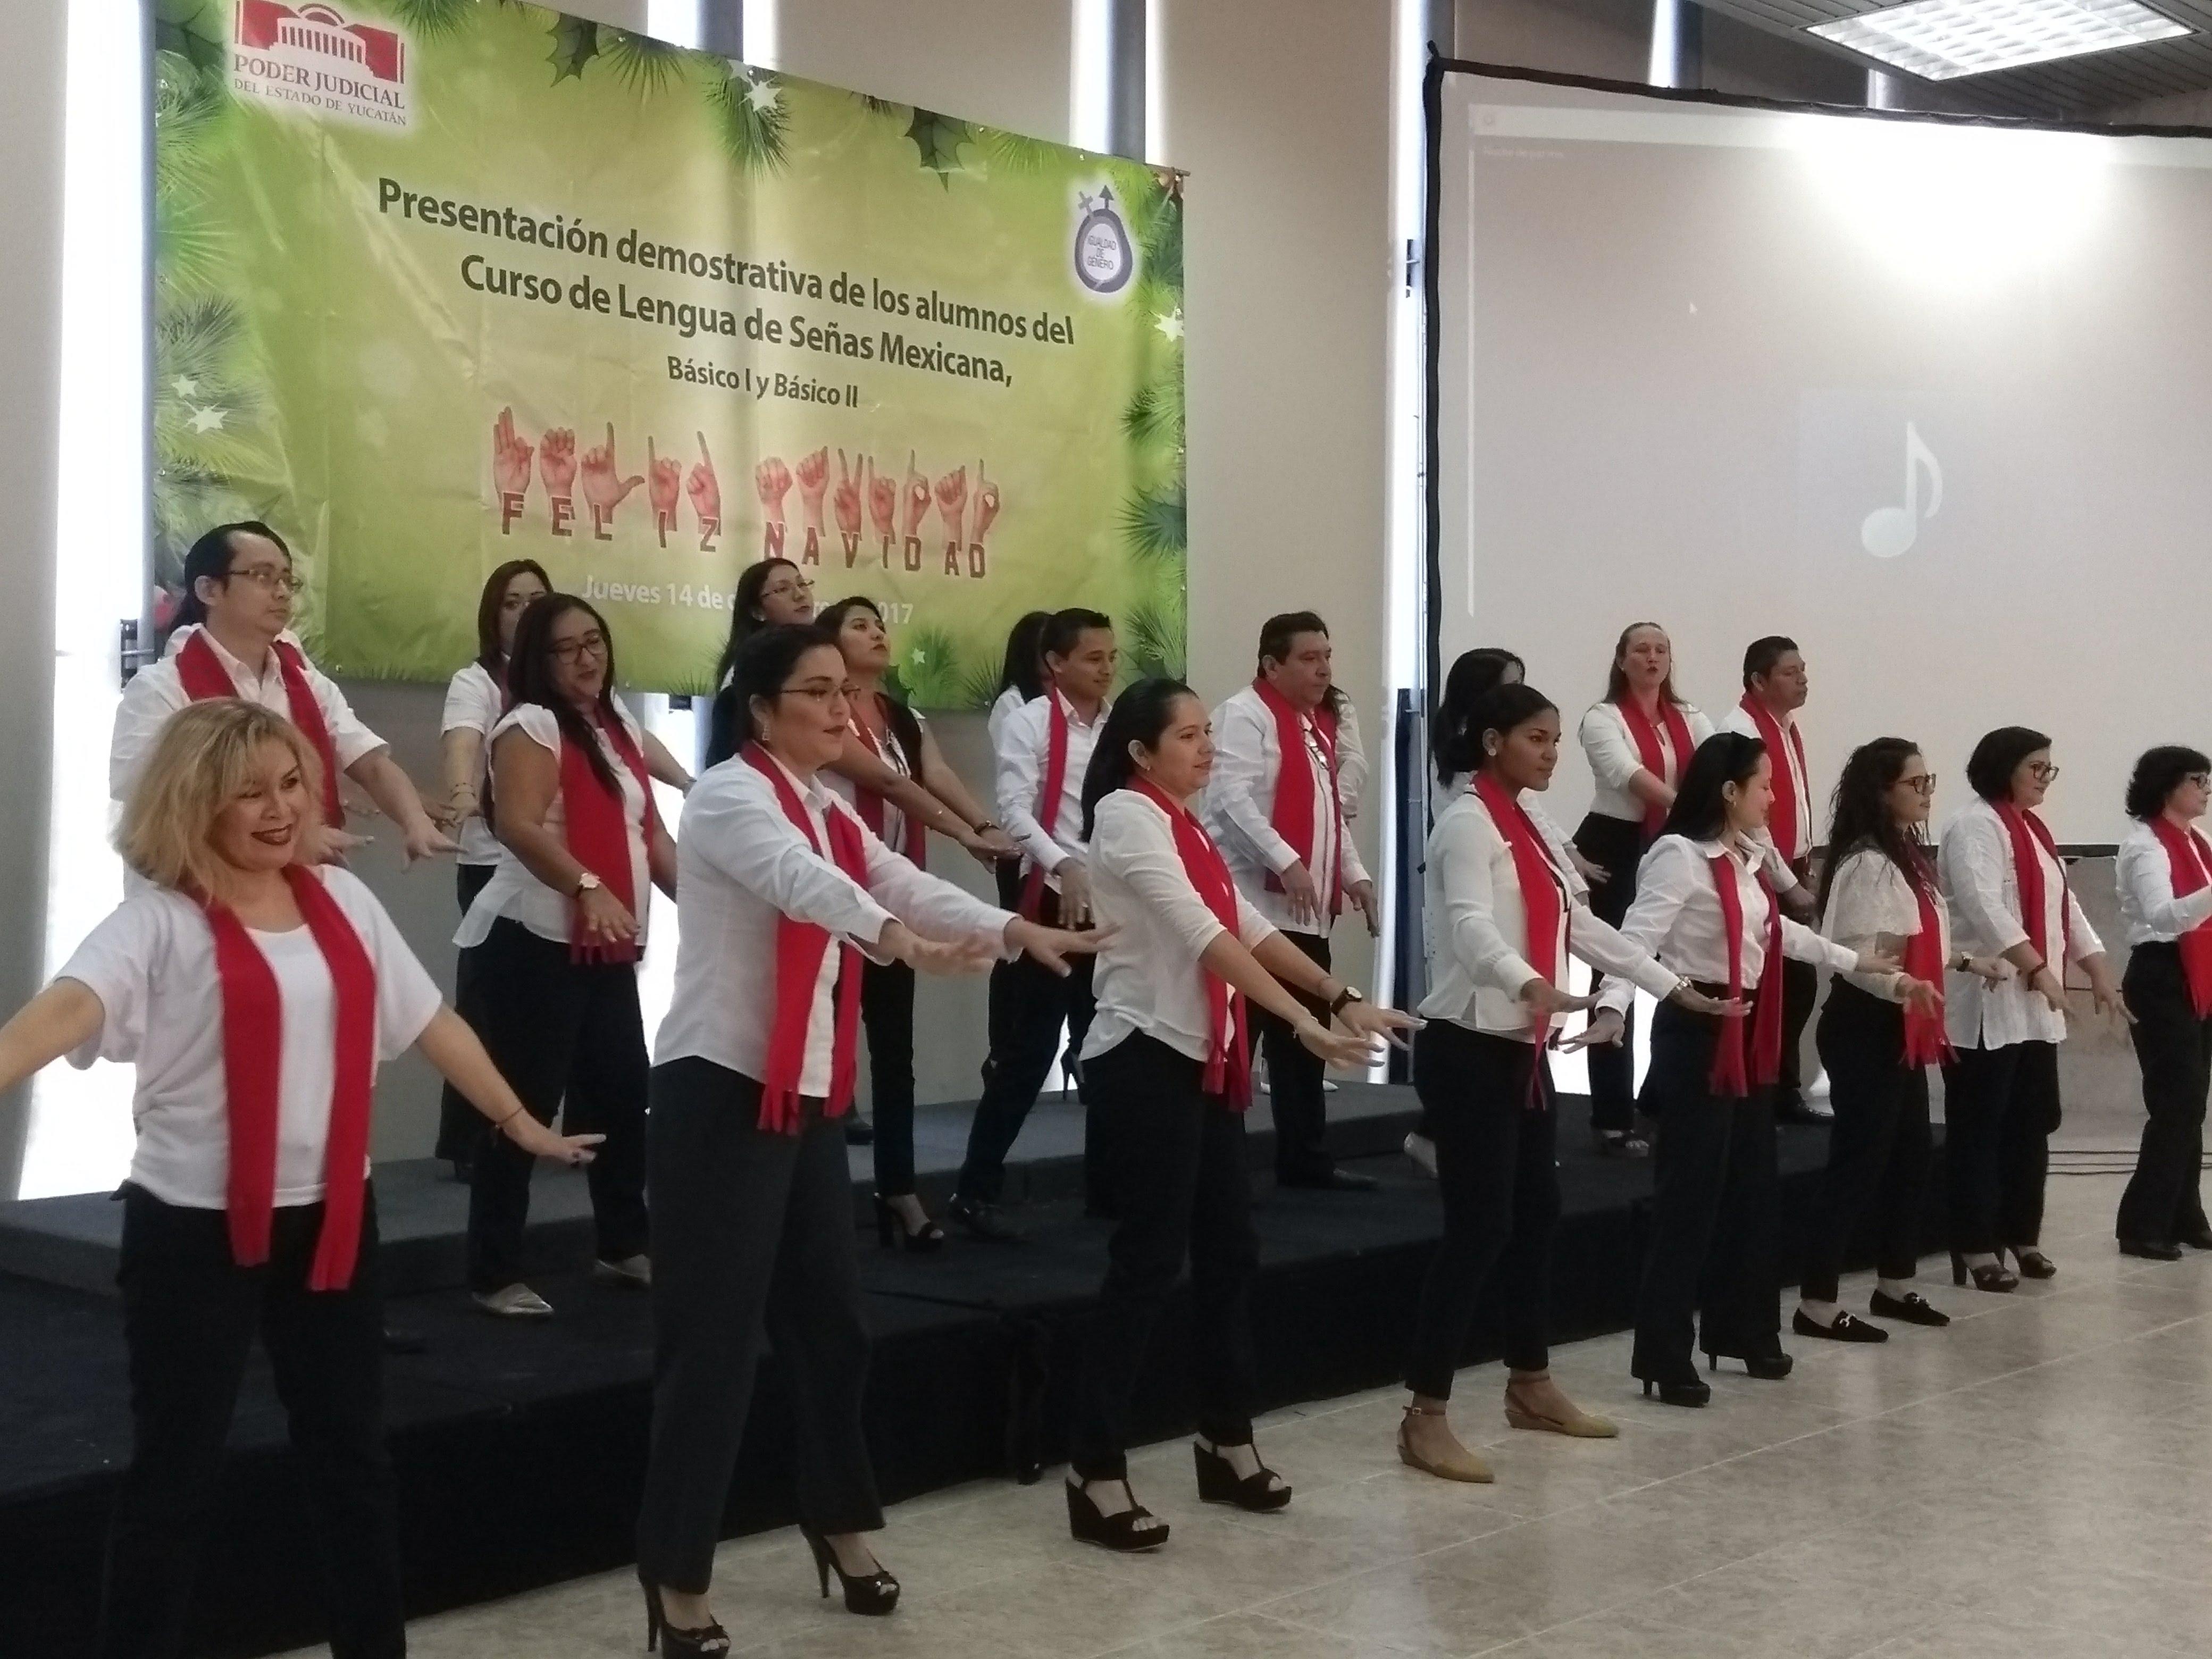 Capacitan en lenguaje de señas a personal de Poder Judicial Yucatán